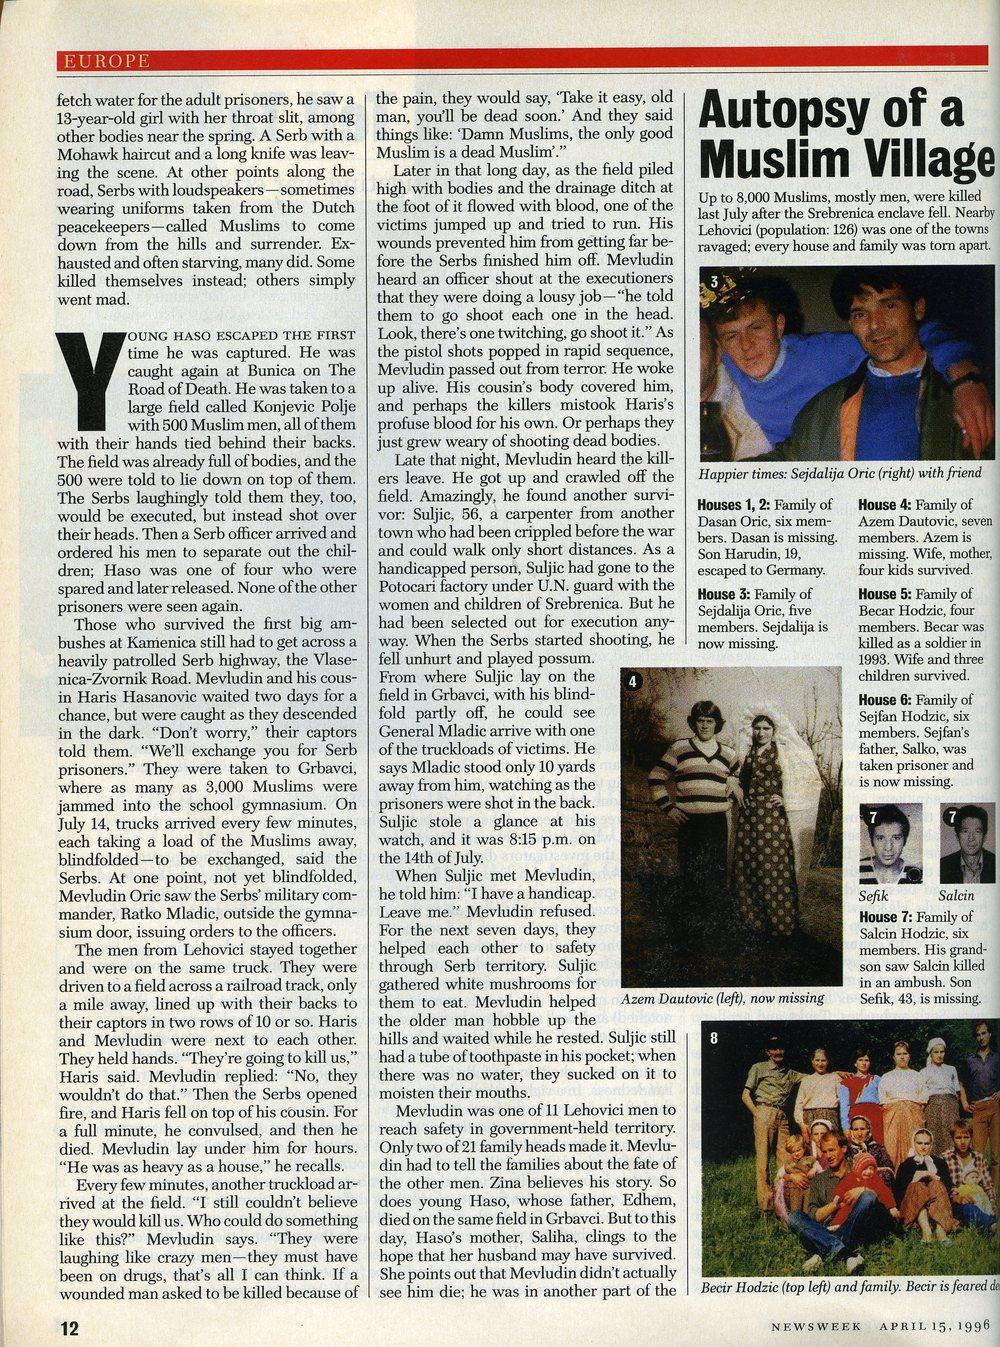 04151996_NEWSWEEK_BOSNIA_5.jpg